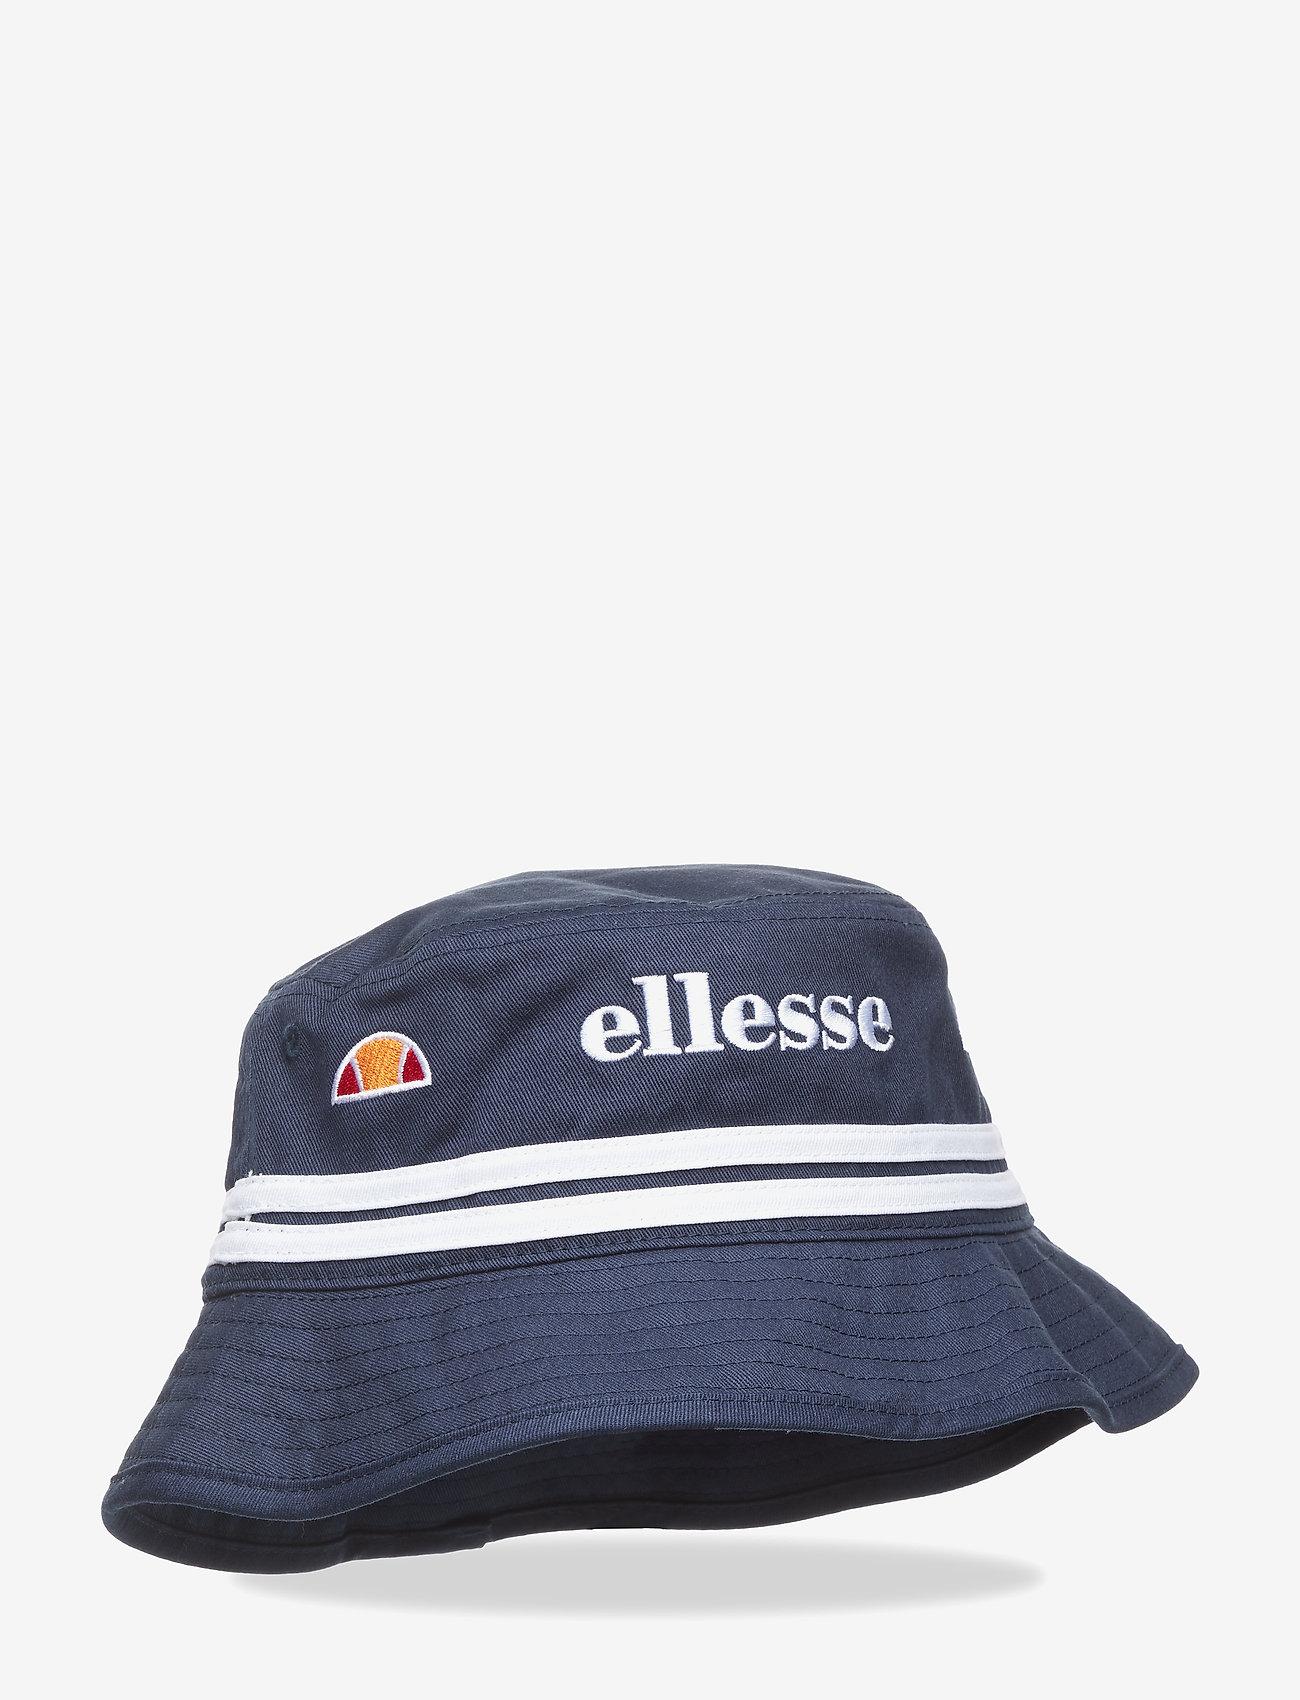 Ellesse - EL LORENZO - bucket hats - navy - 0